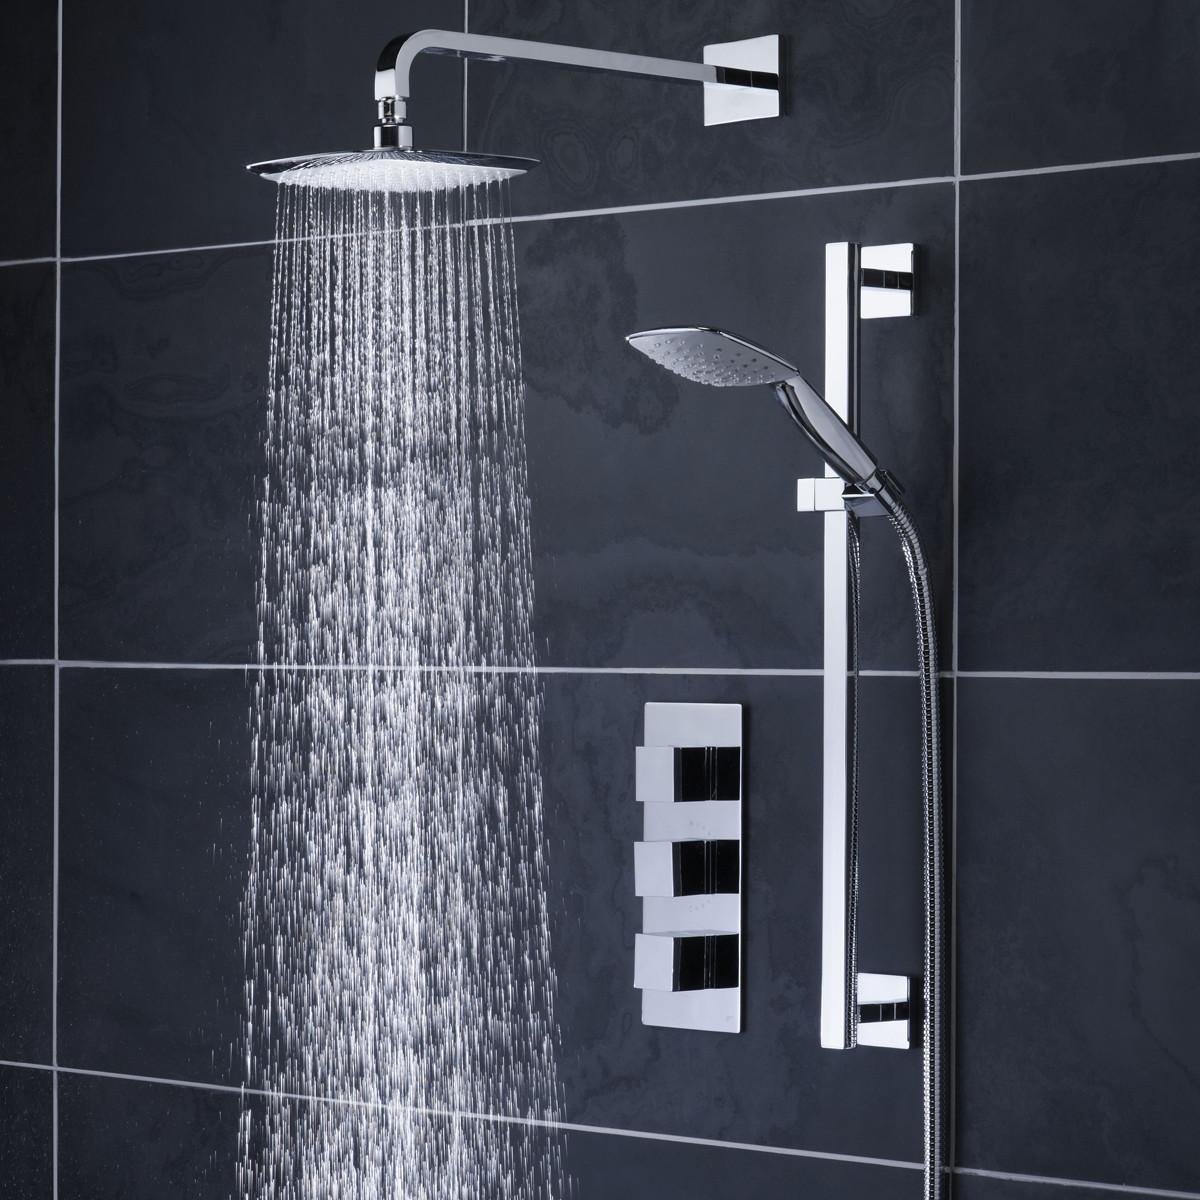 Roper Rhodes Factor Concealed Dual Function Shower Valve | SV1305 -